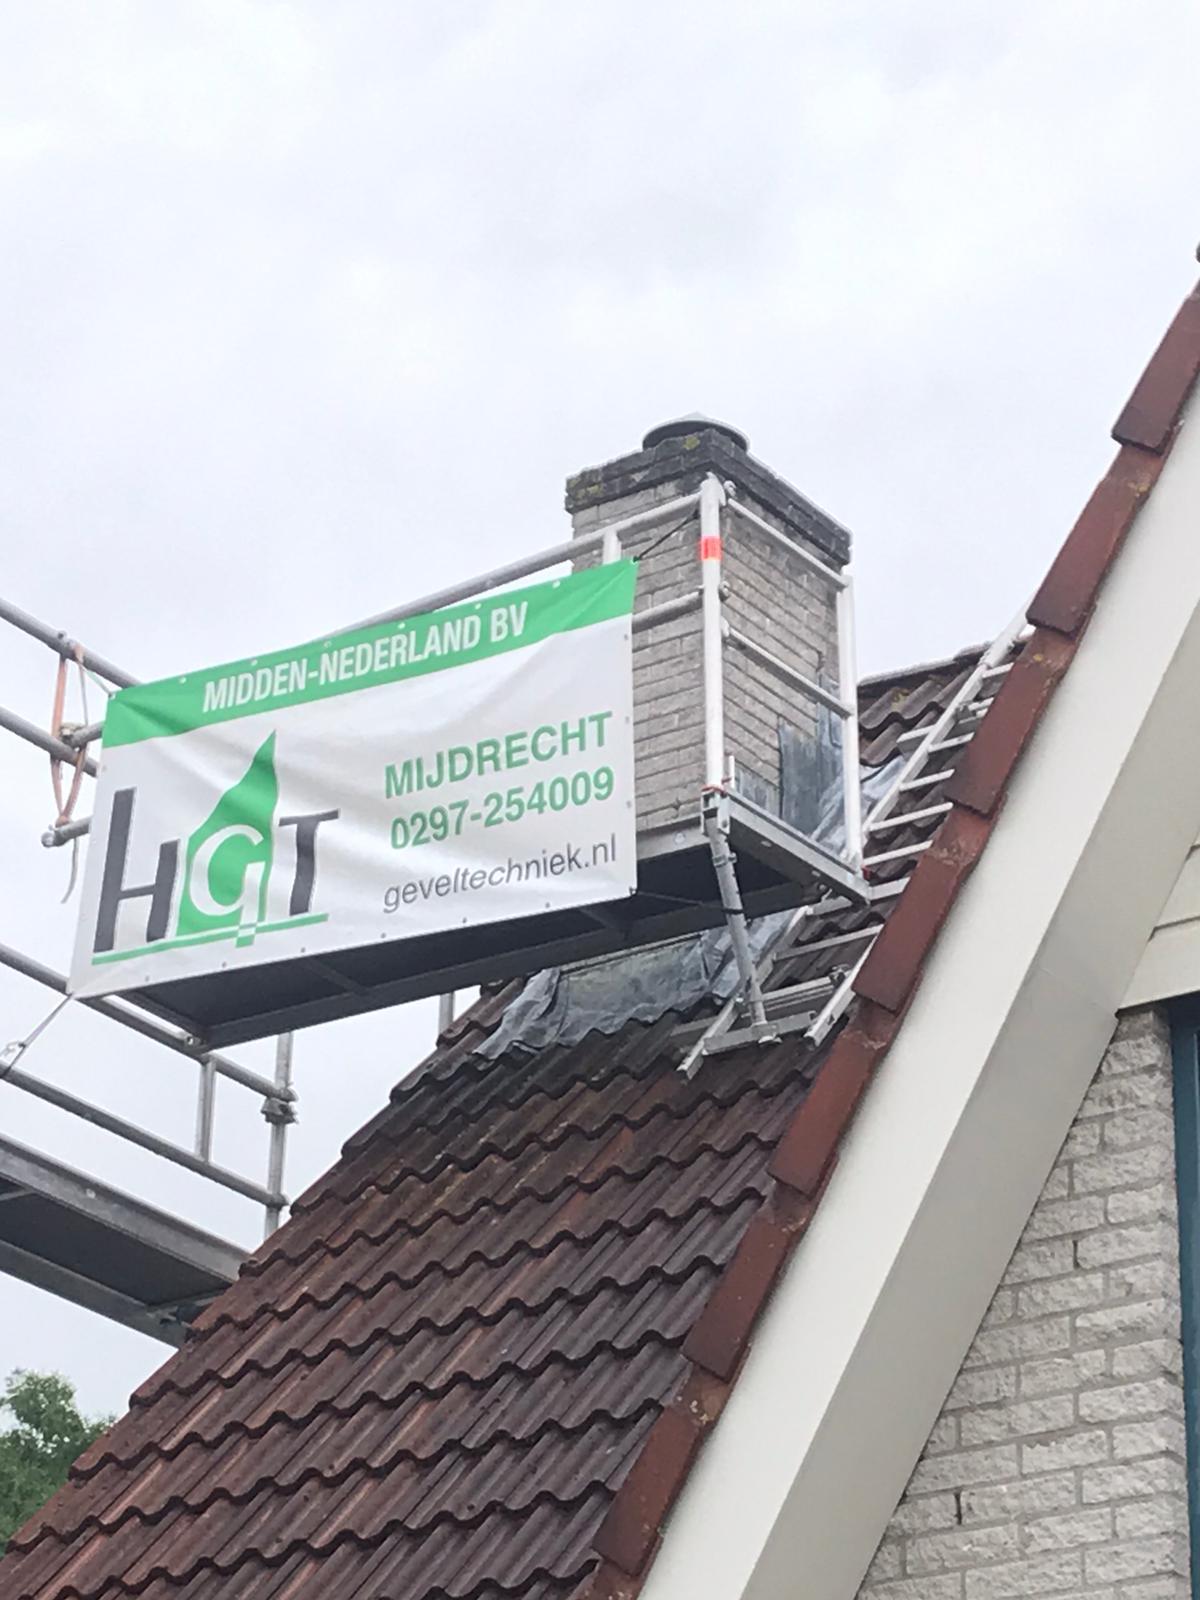 HGT Midden Nederland